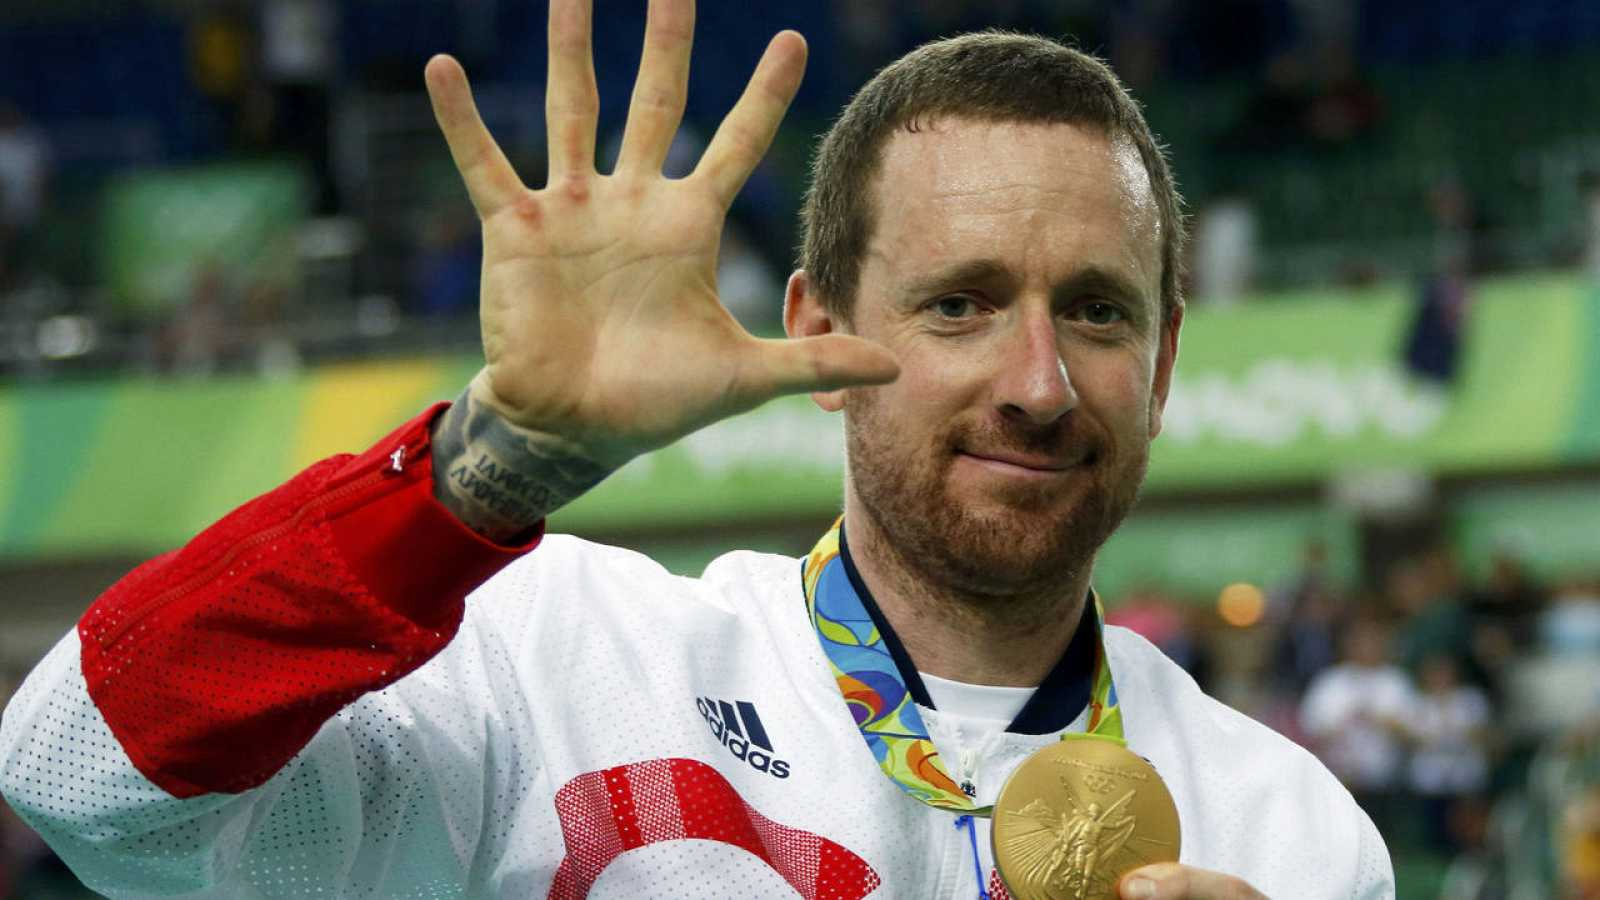 Bradley Wiggins muestra los cinco dedos festejando sus cinco oros en Juegos Olímpicos, tras el logrado en Río en persecución por equipos.